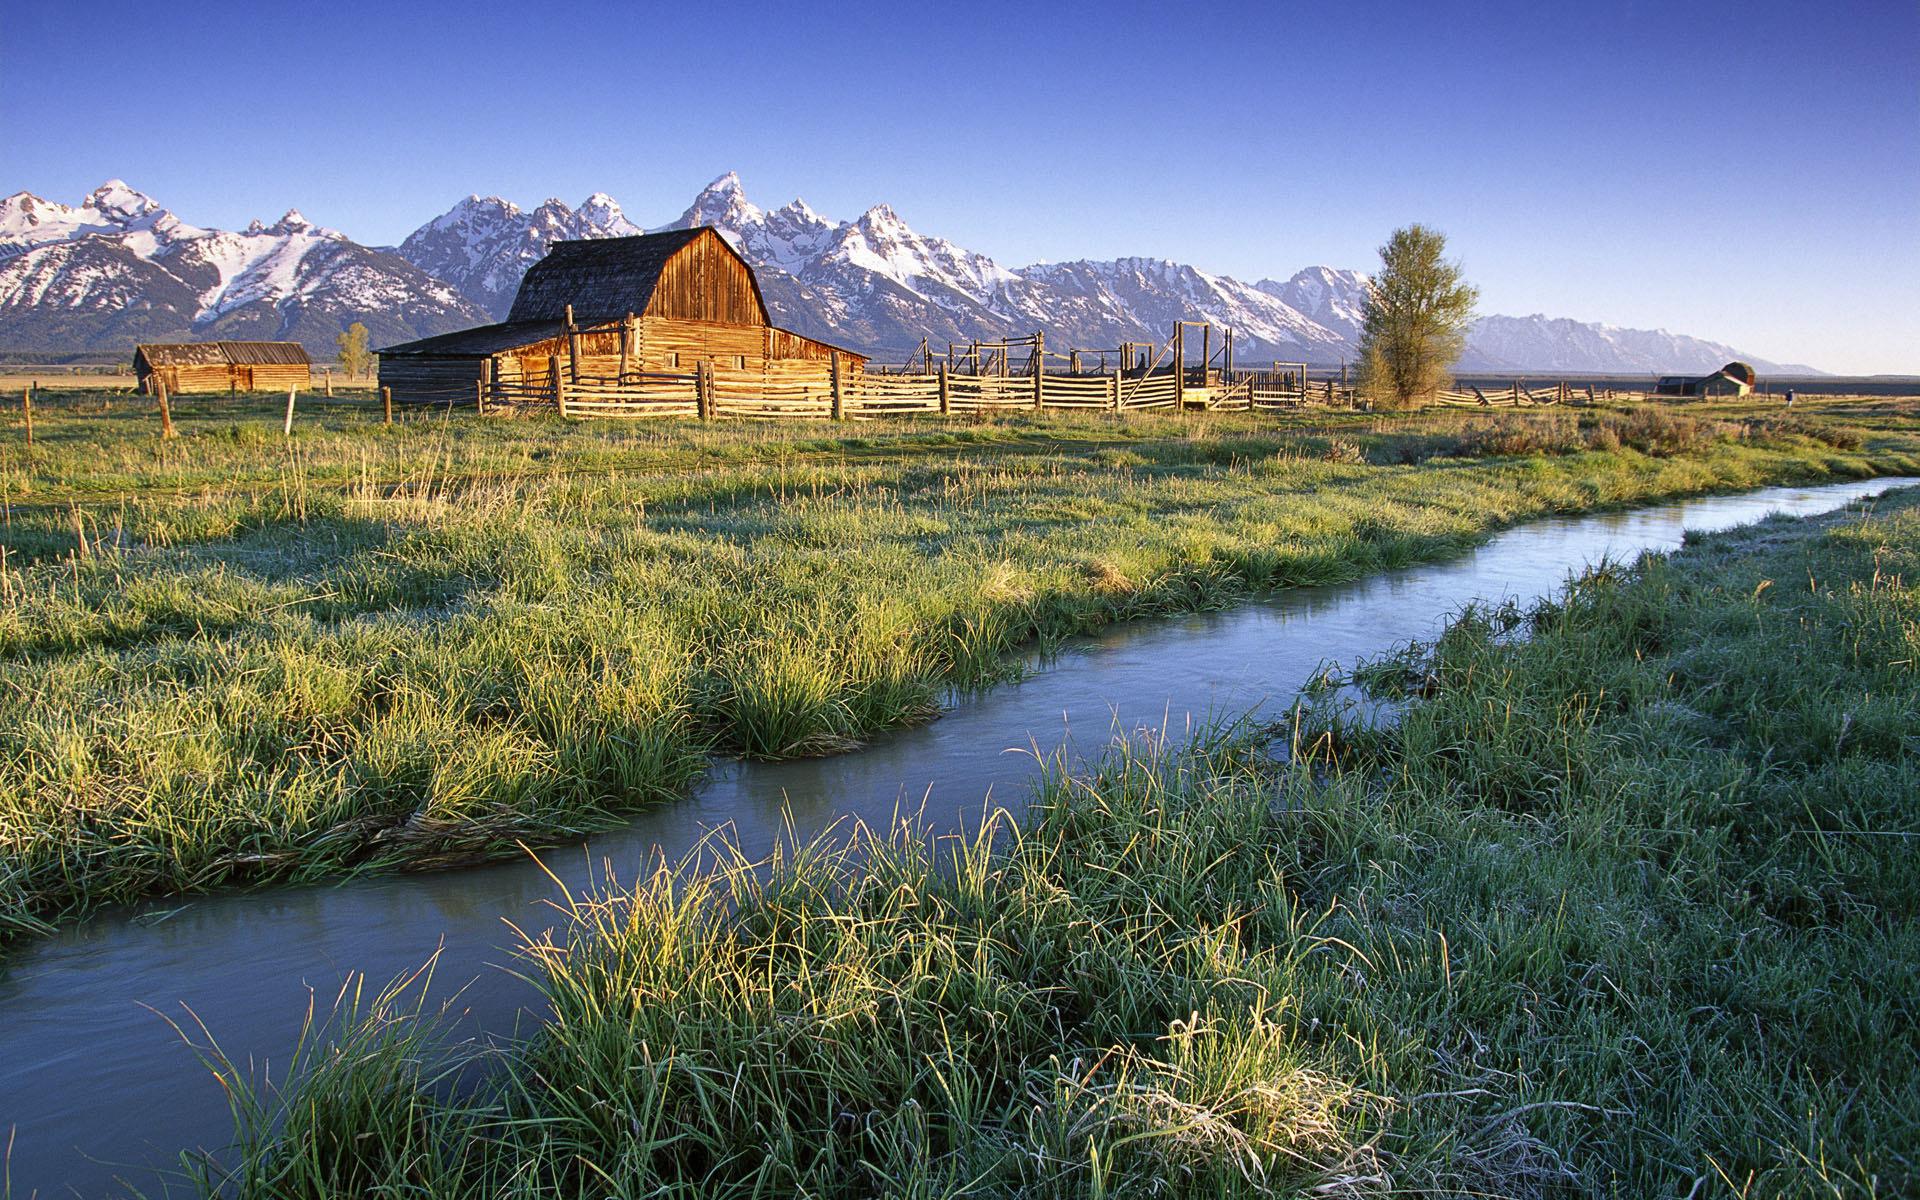 ранчо, ферма, ограда